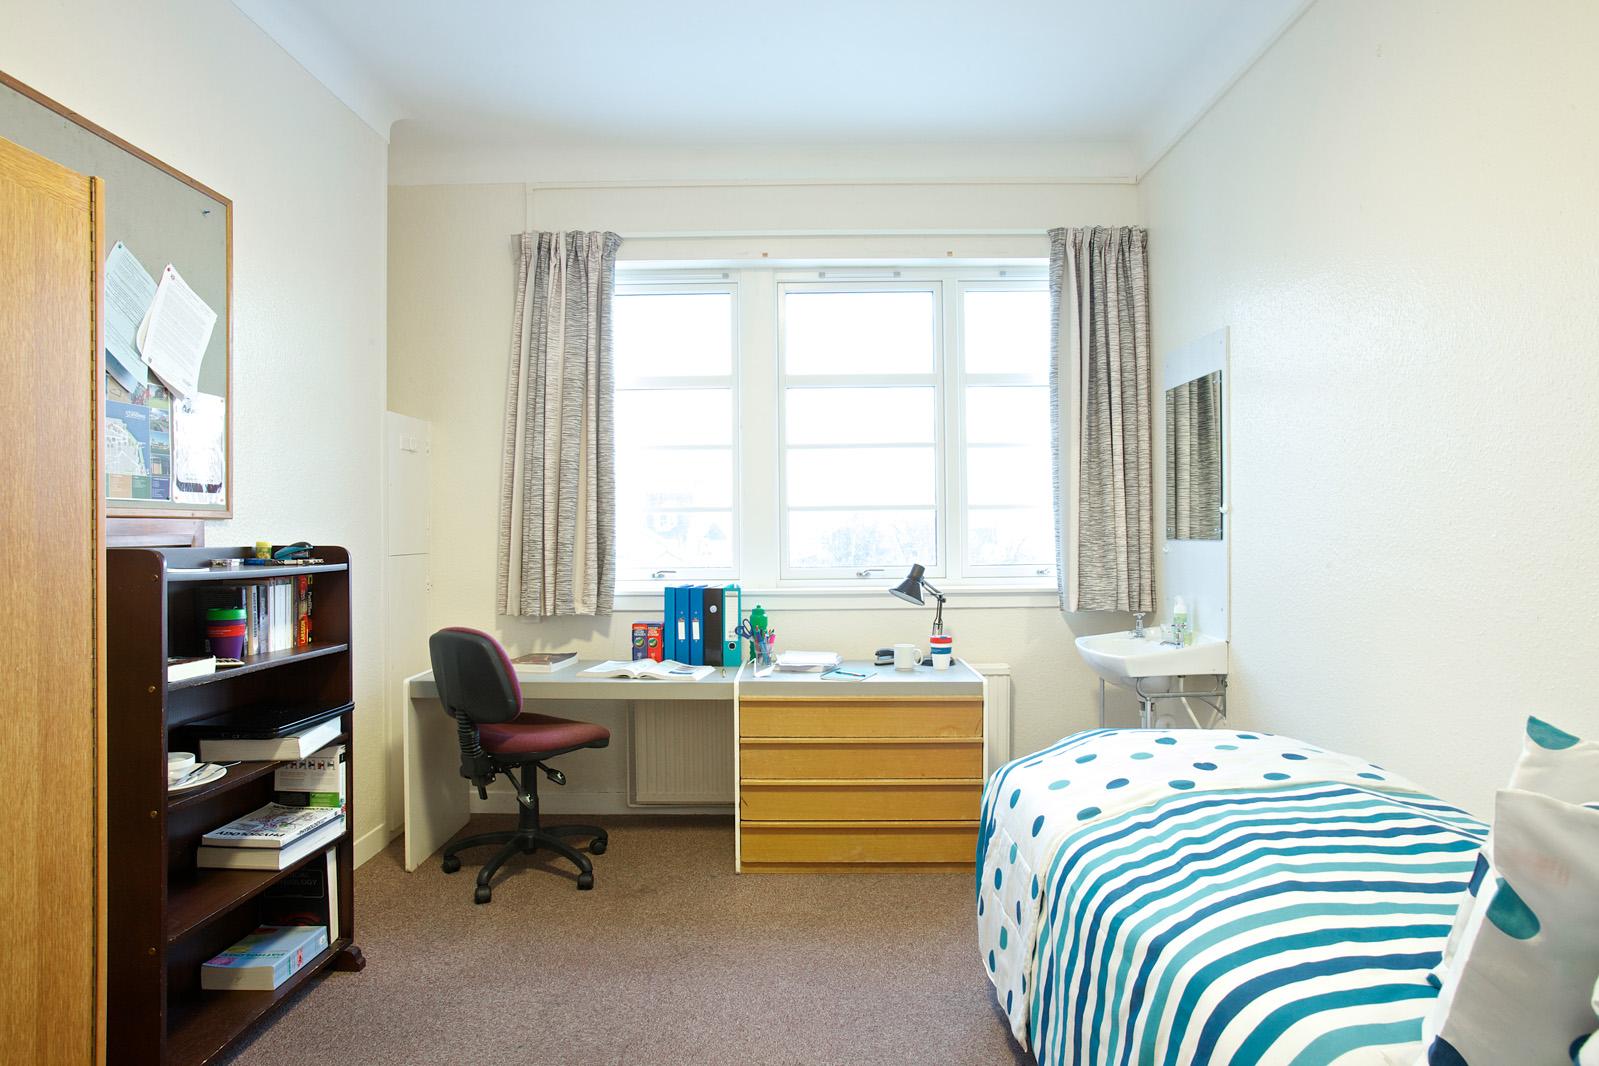 طراحی دکوراسیون اتاق خواب دانش آموزان